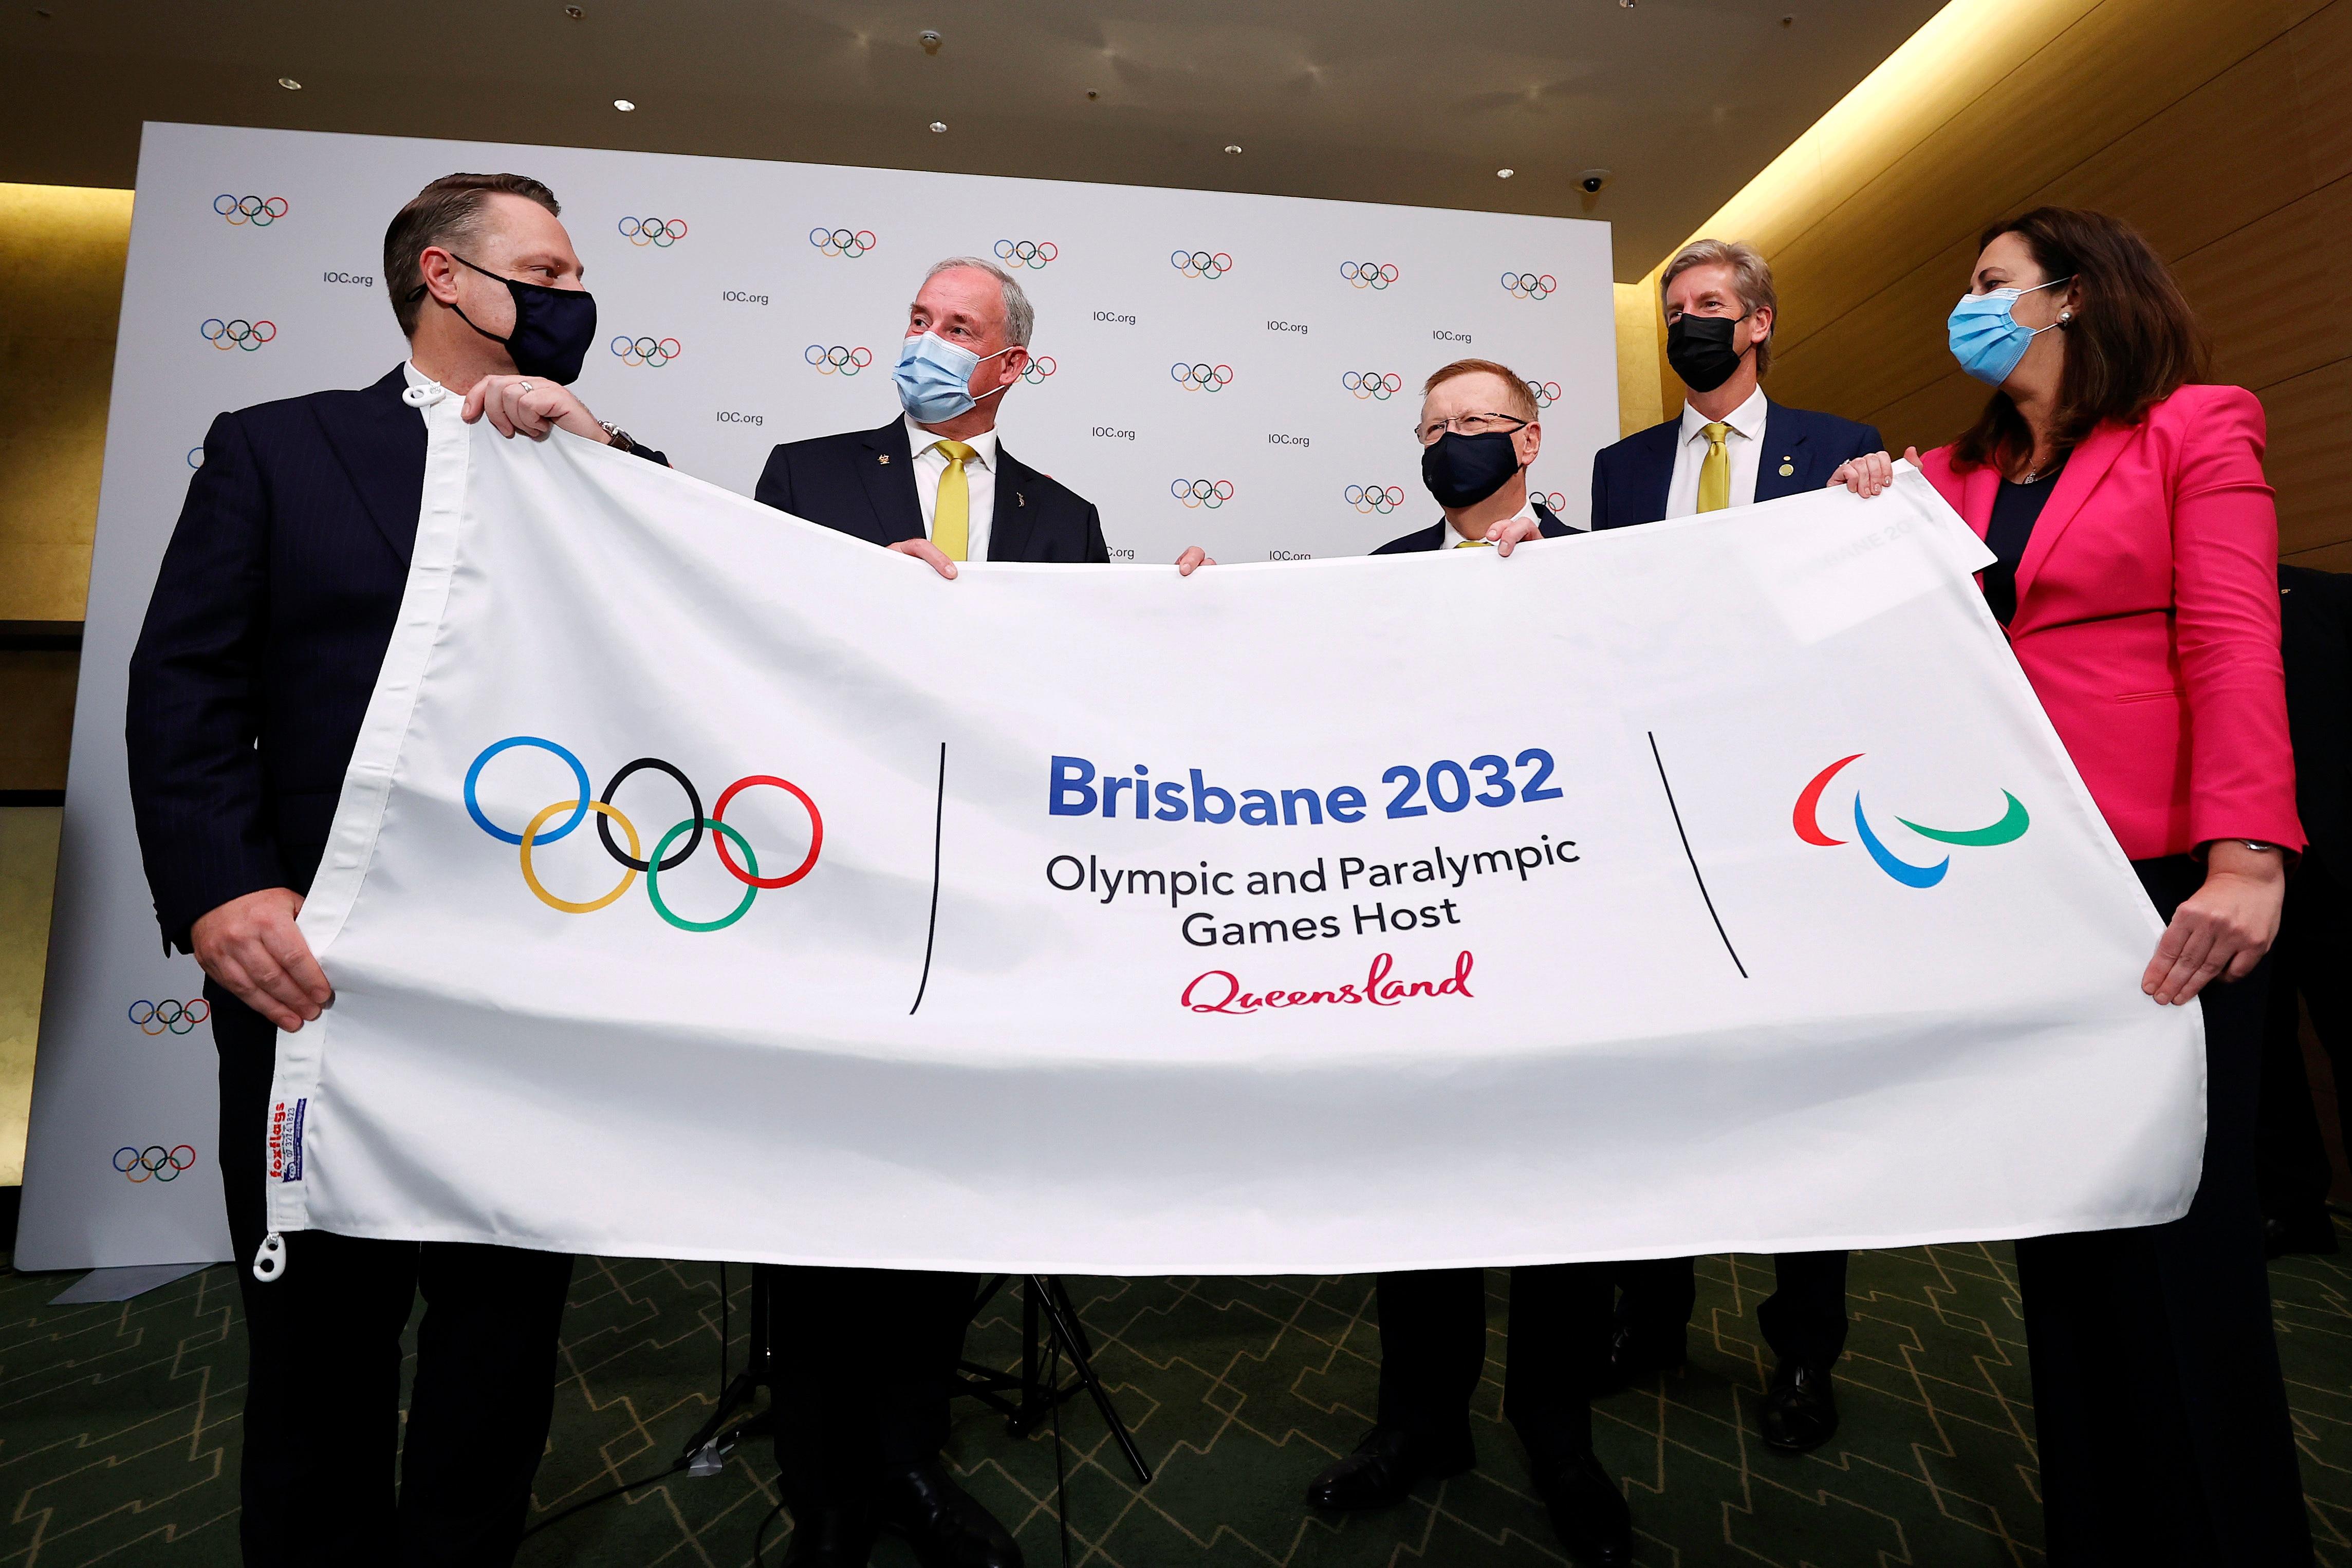 Il sindaco Adrian Schrinner, il Ministro dello Sport Richard Colbeck, il membro del Comitato Olimpico James Tomkins e la Premier Annastacia Palaszczuk